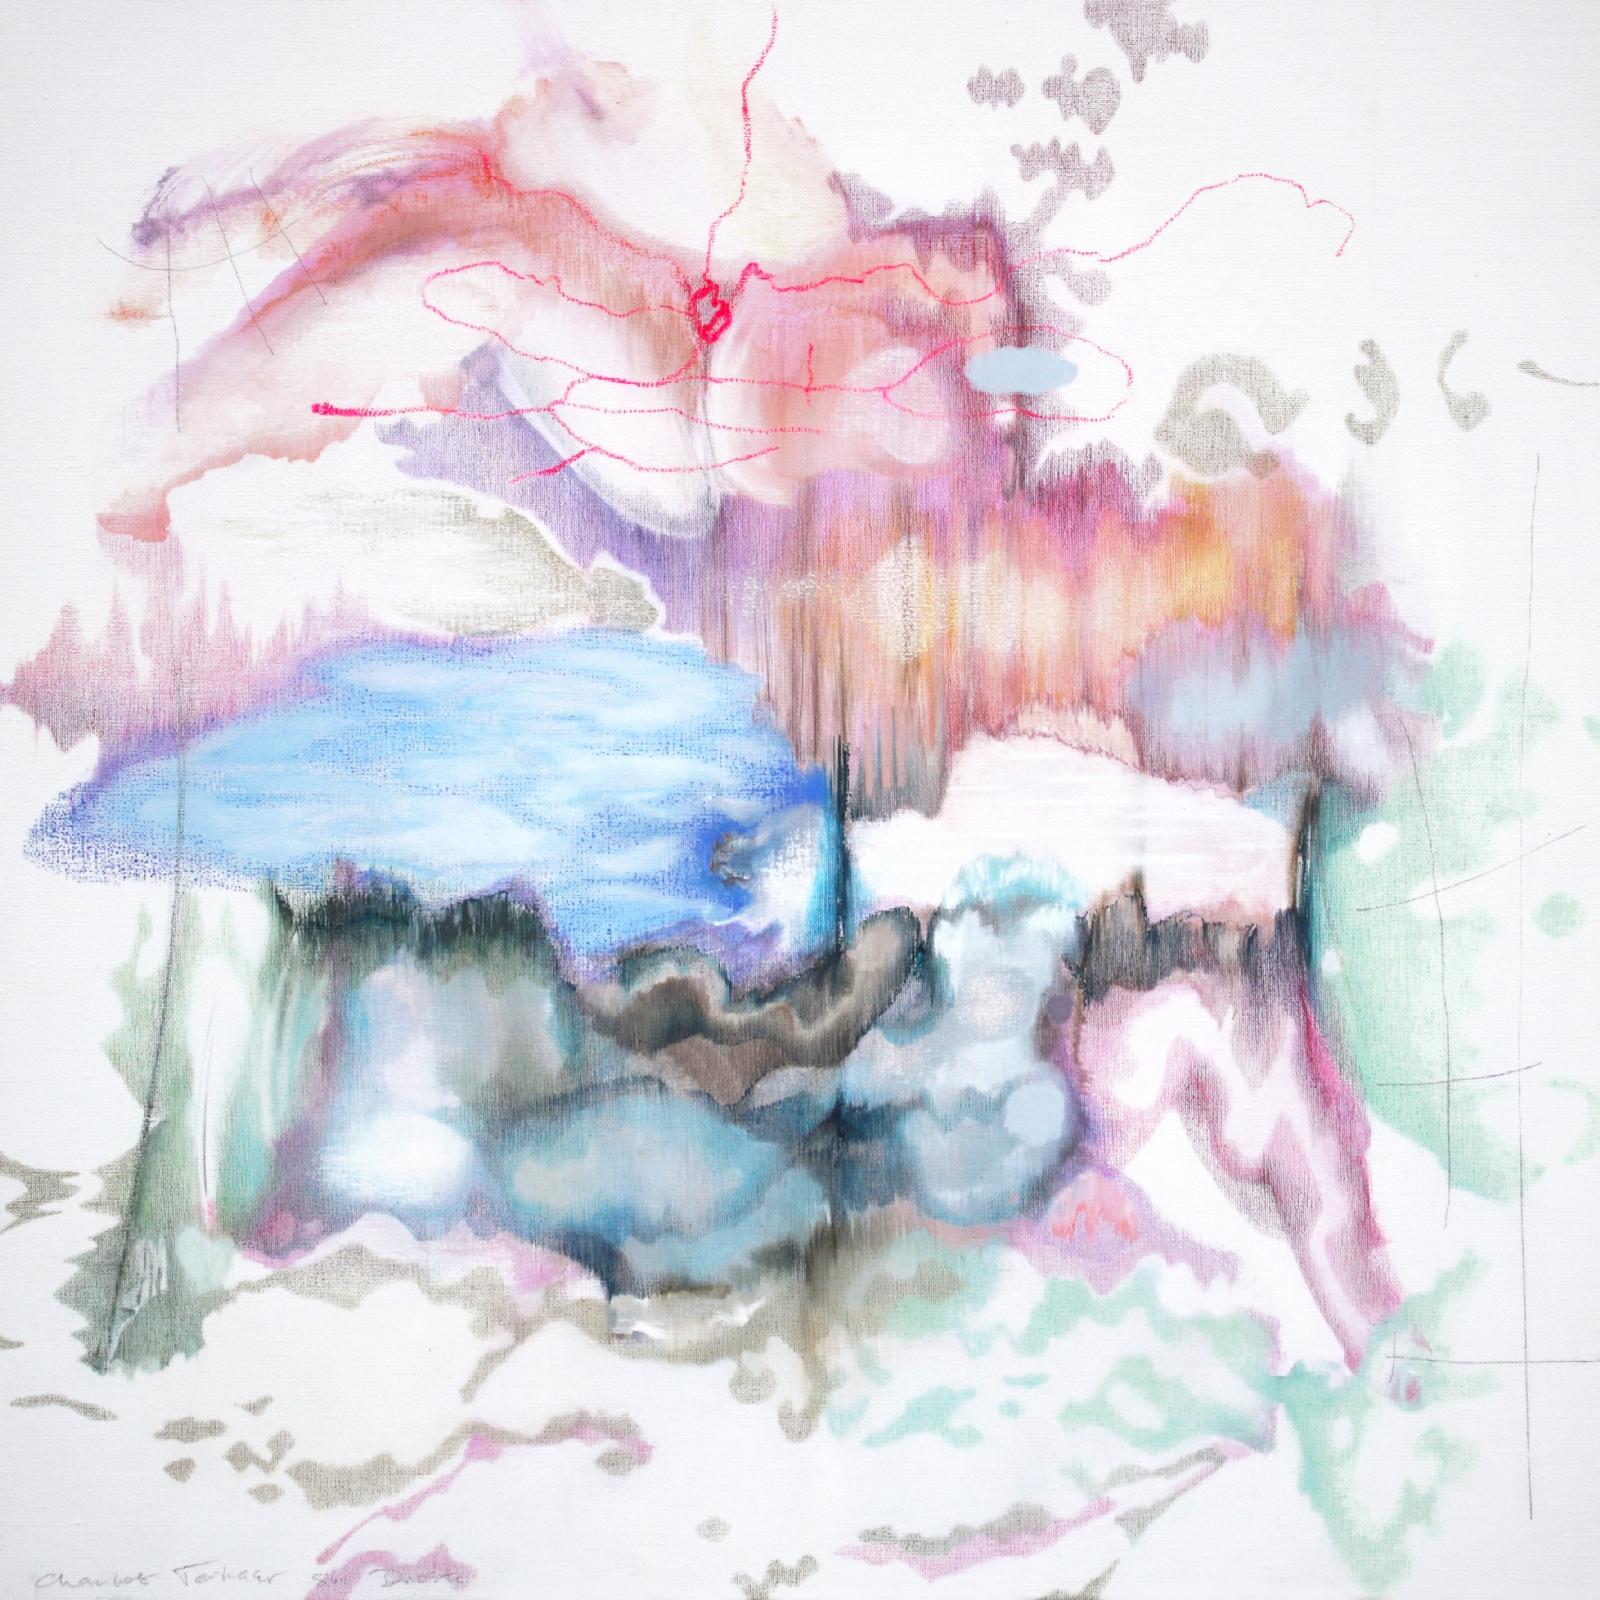 Schilderij #428